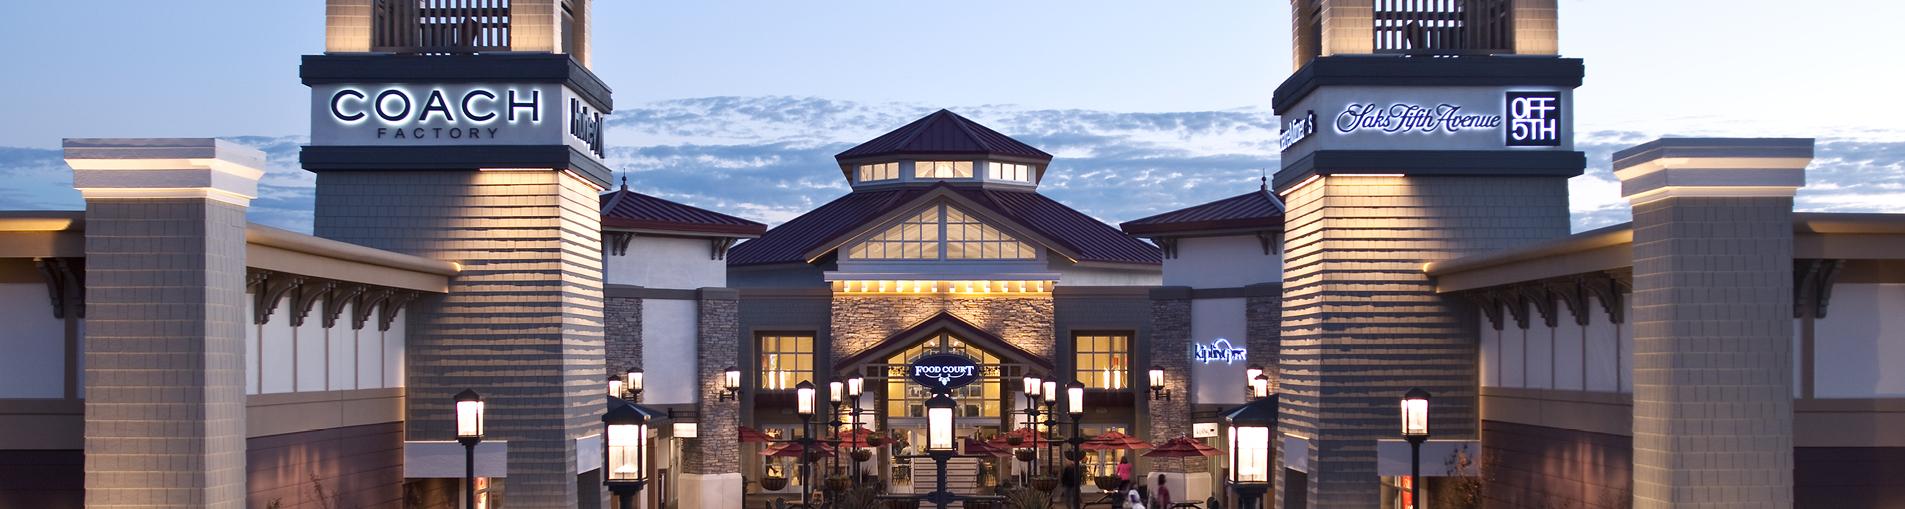 100 Home Design Outlet Center Houston Holiday Inn